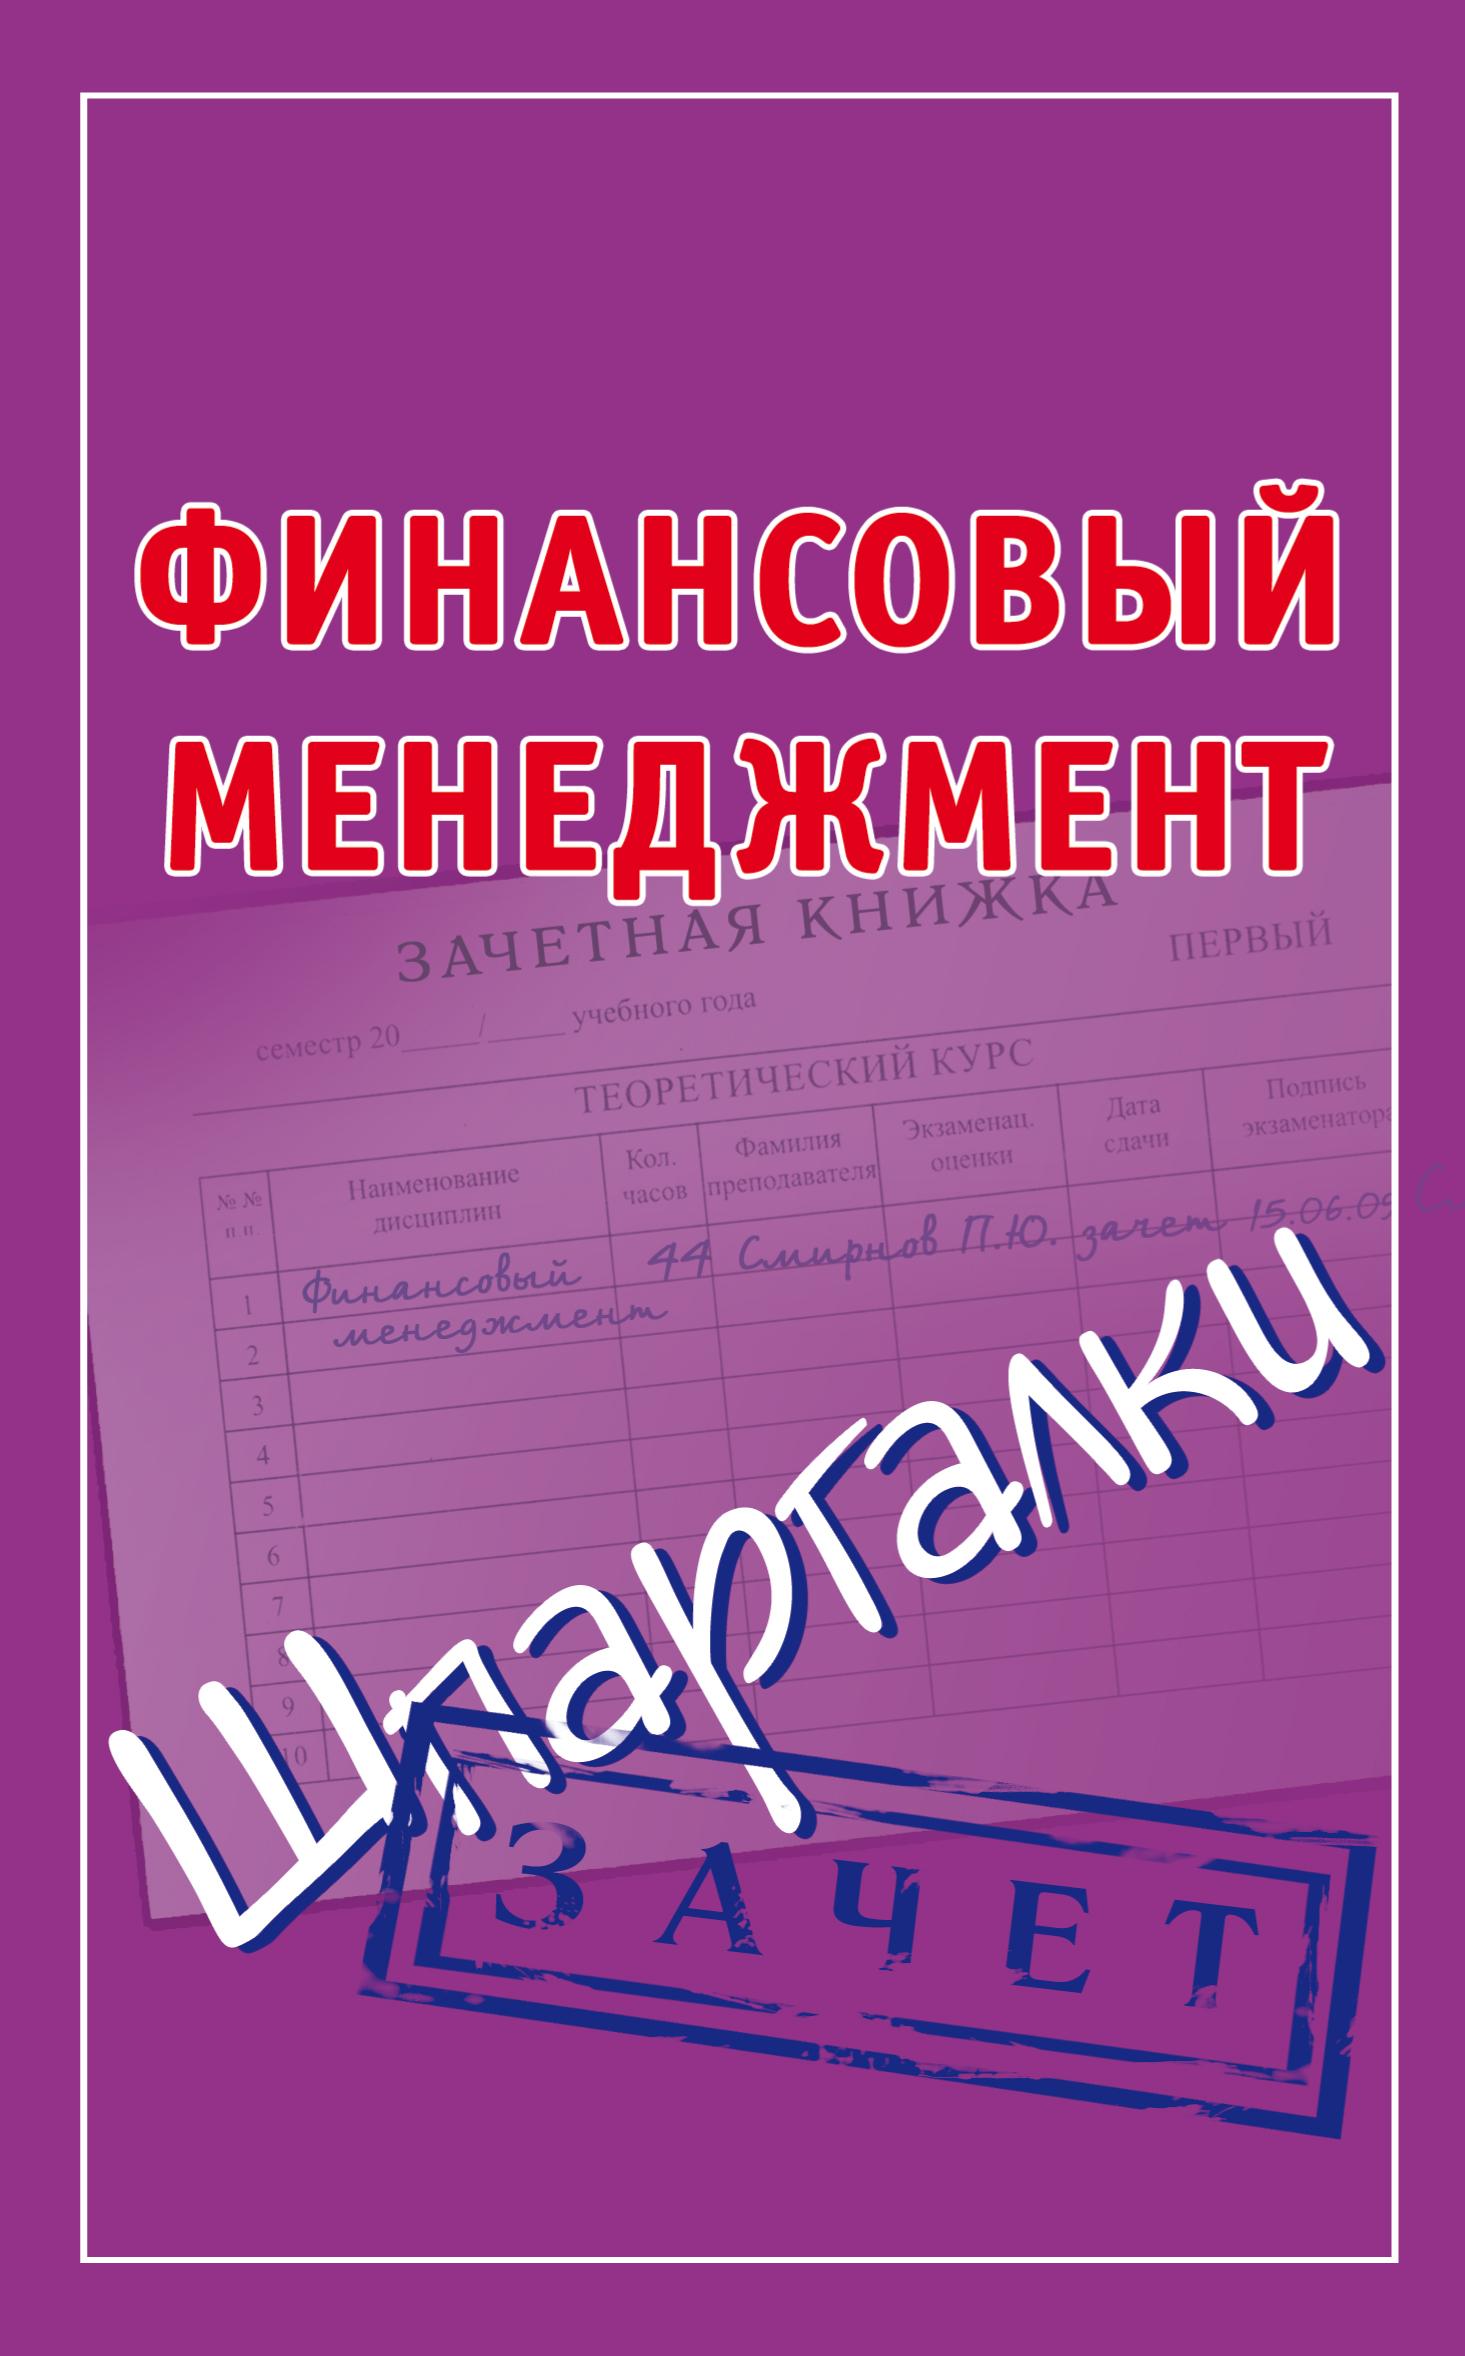 П. Ю. Смирнов Финансовый менеджмент. Шпаргалки евгения елисеева финансовый менеджмент бюджетное планирование и финансовый контроль на промышленном предприятии